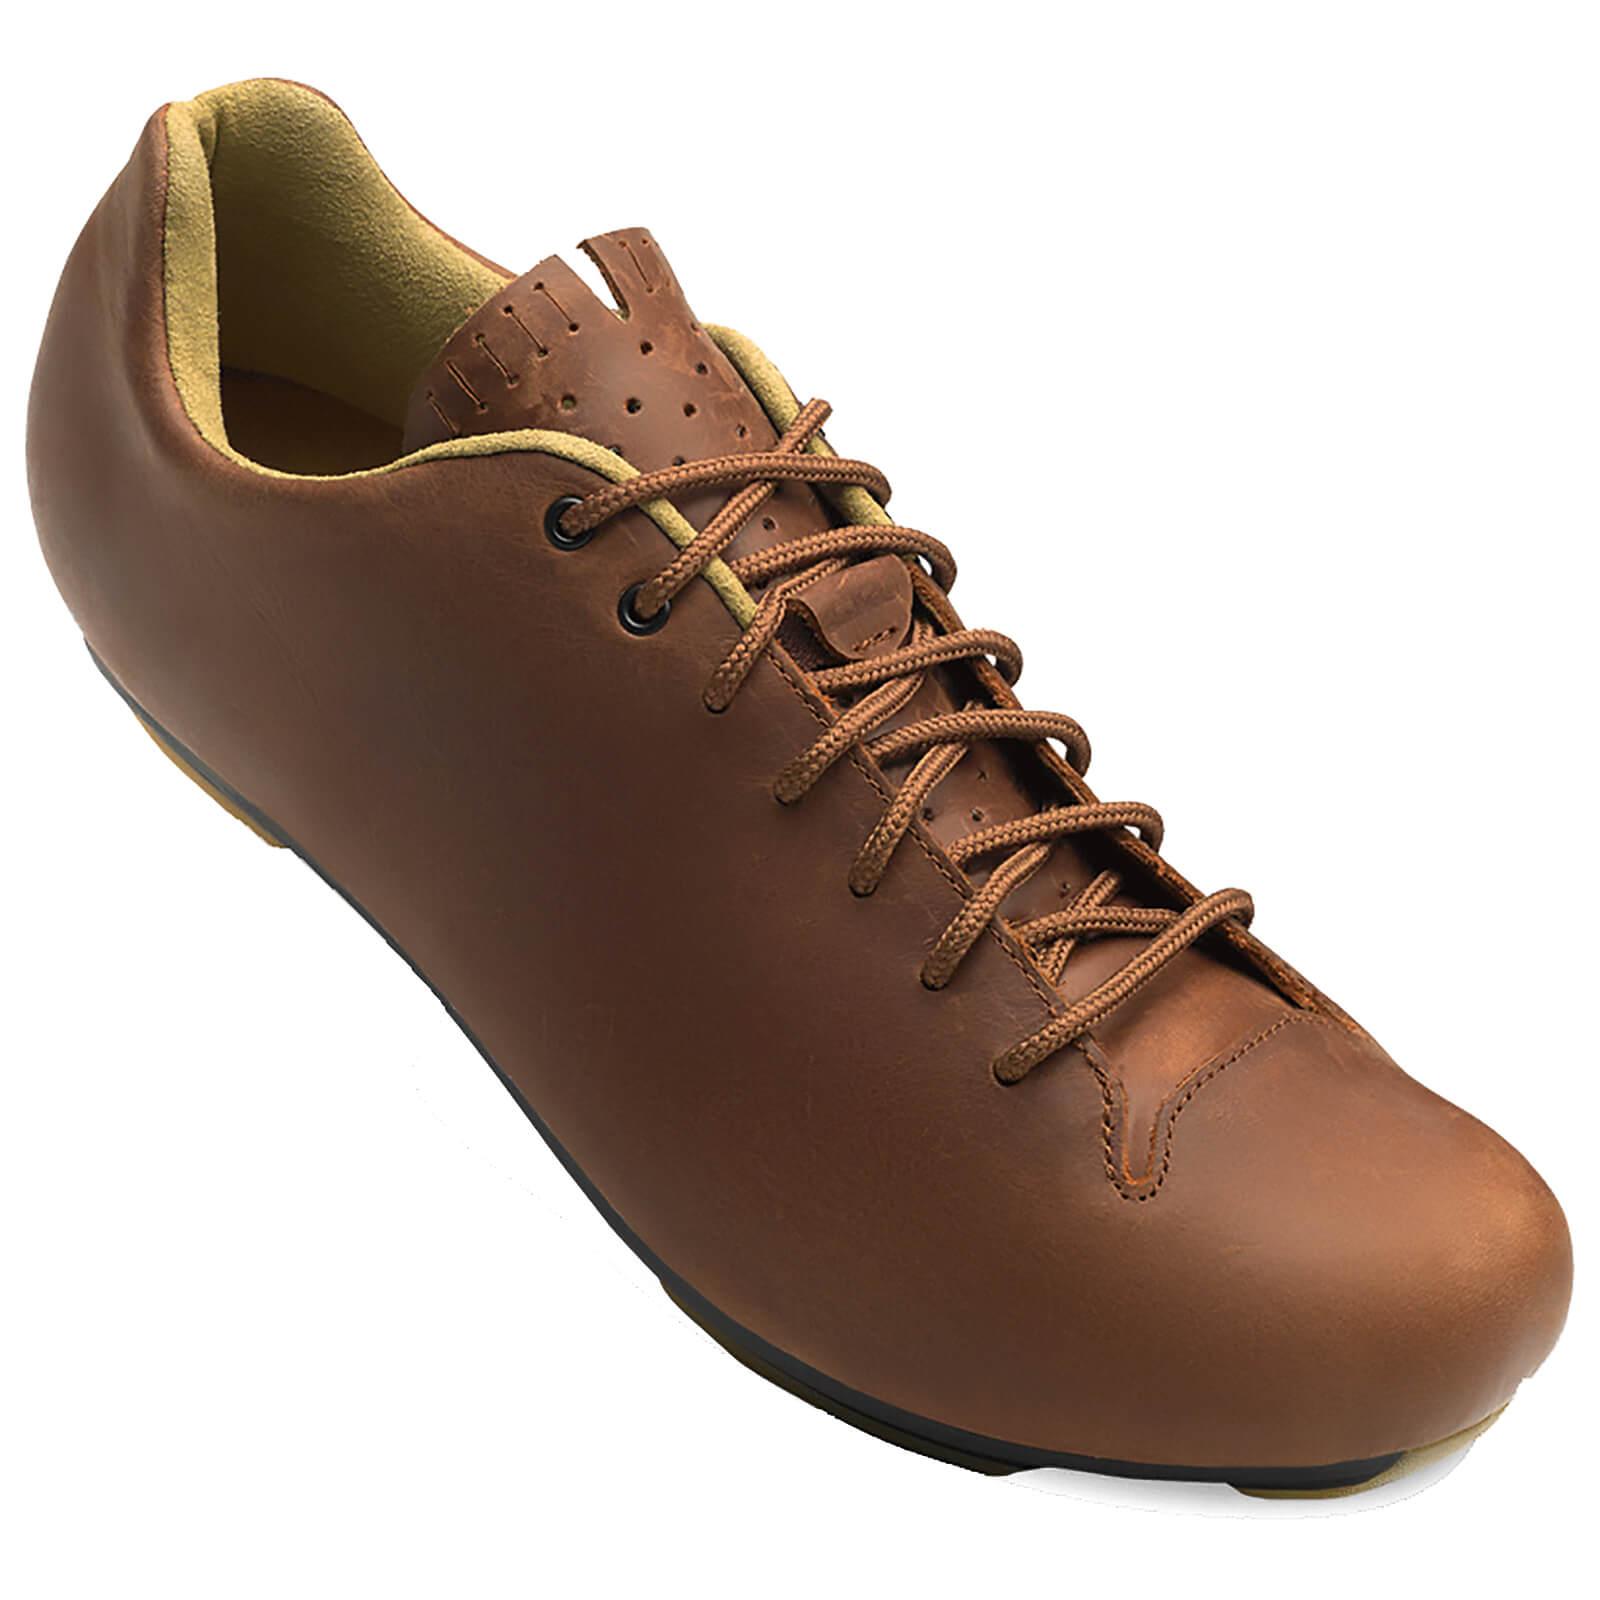 Giro Republic Shoes Uk